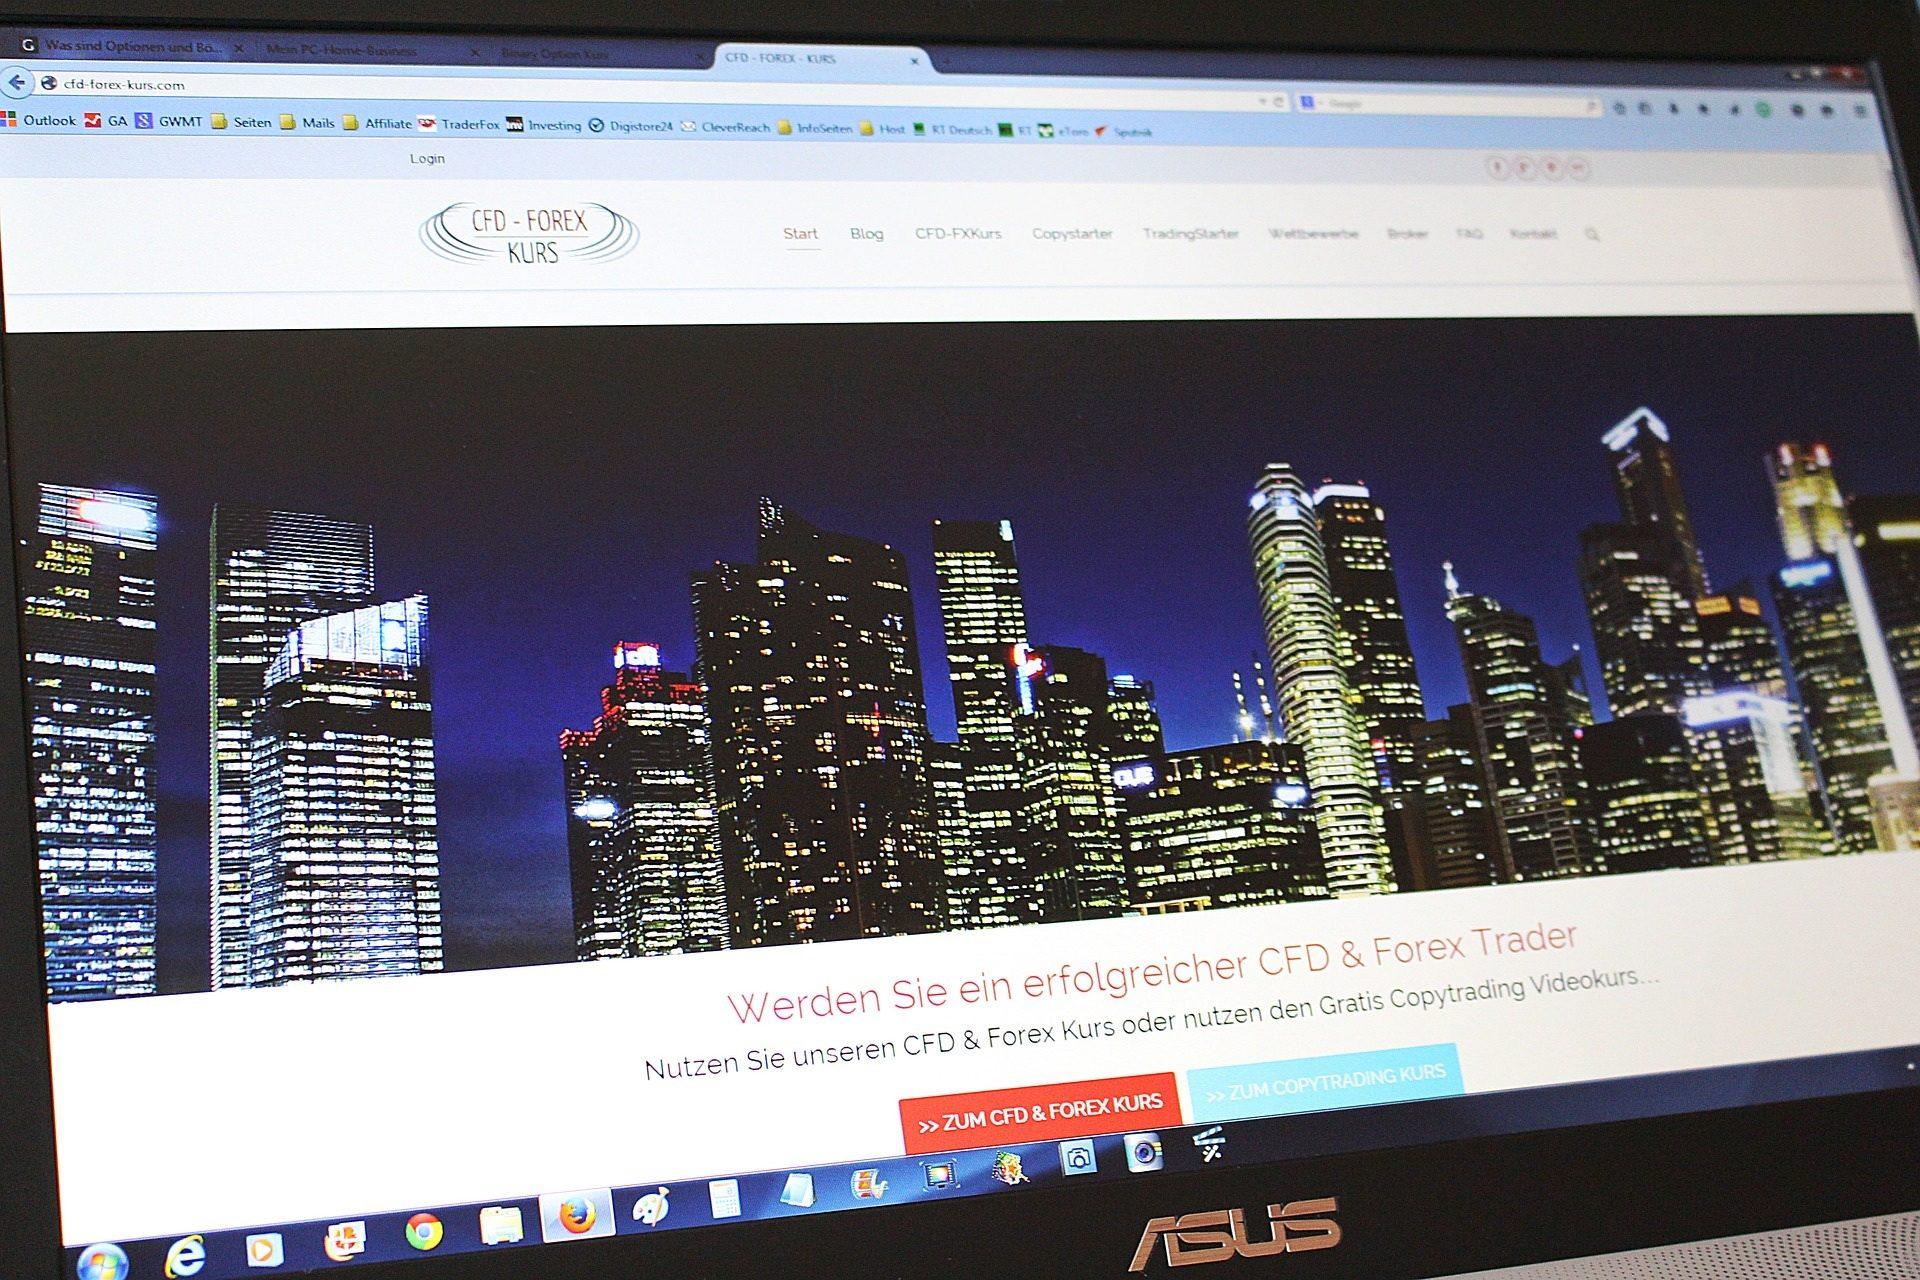 Création de sites internet en Suisse, agences de référence